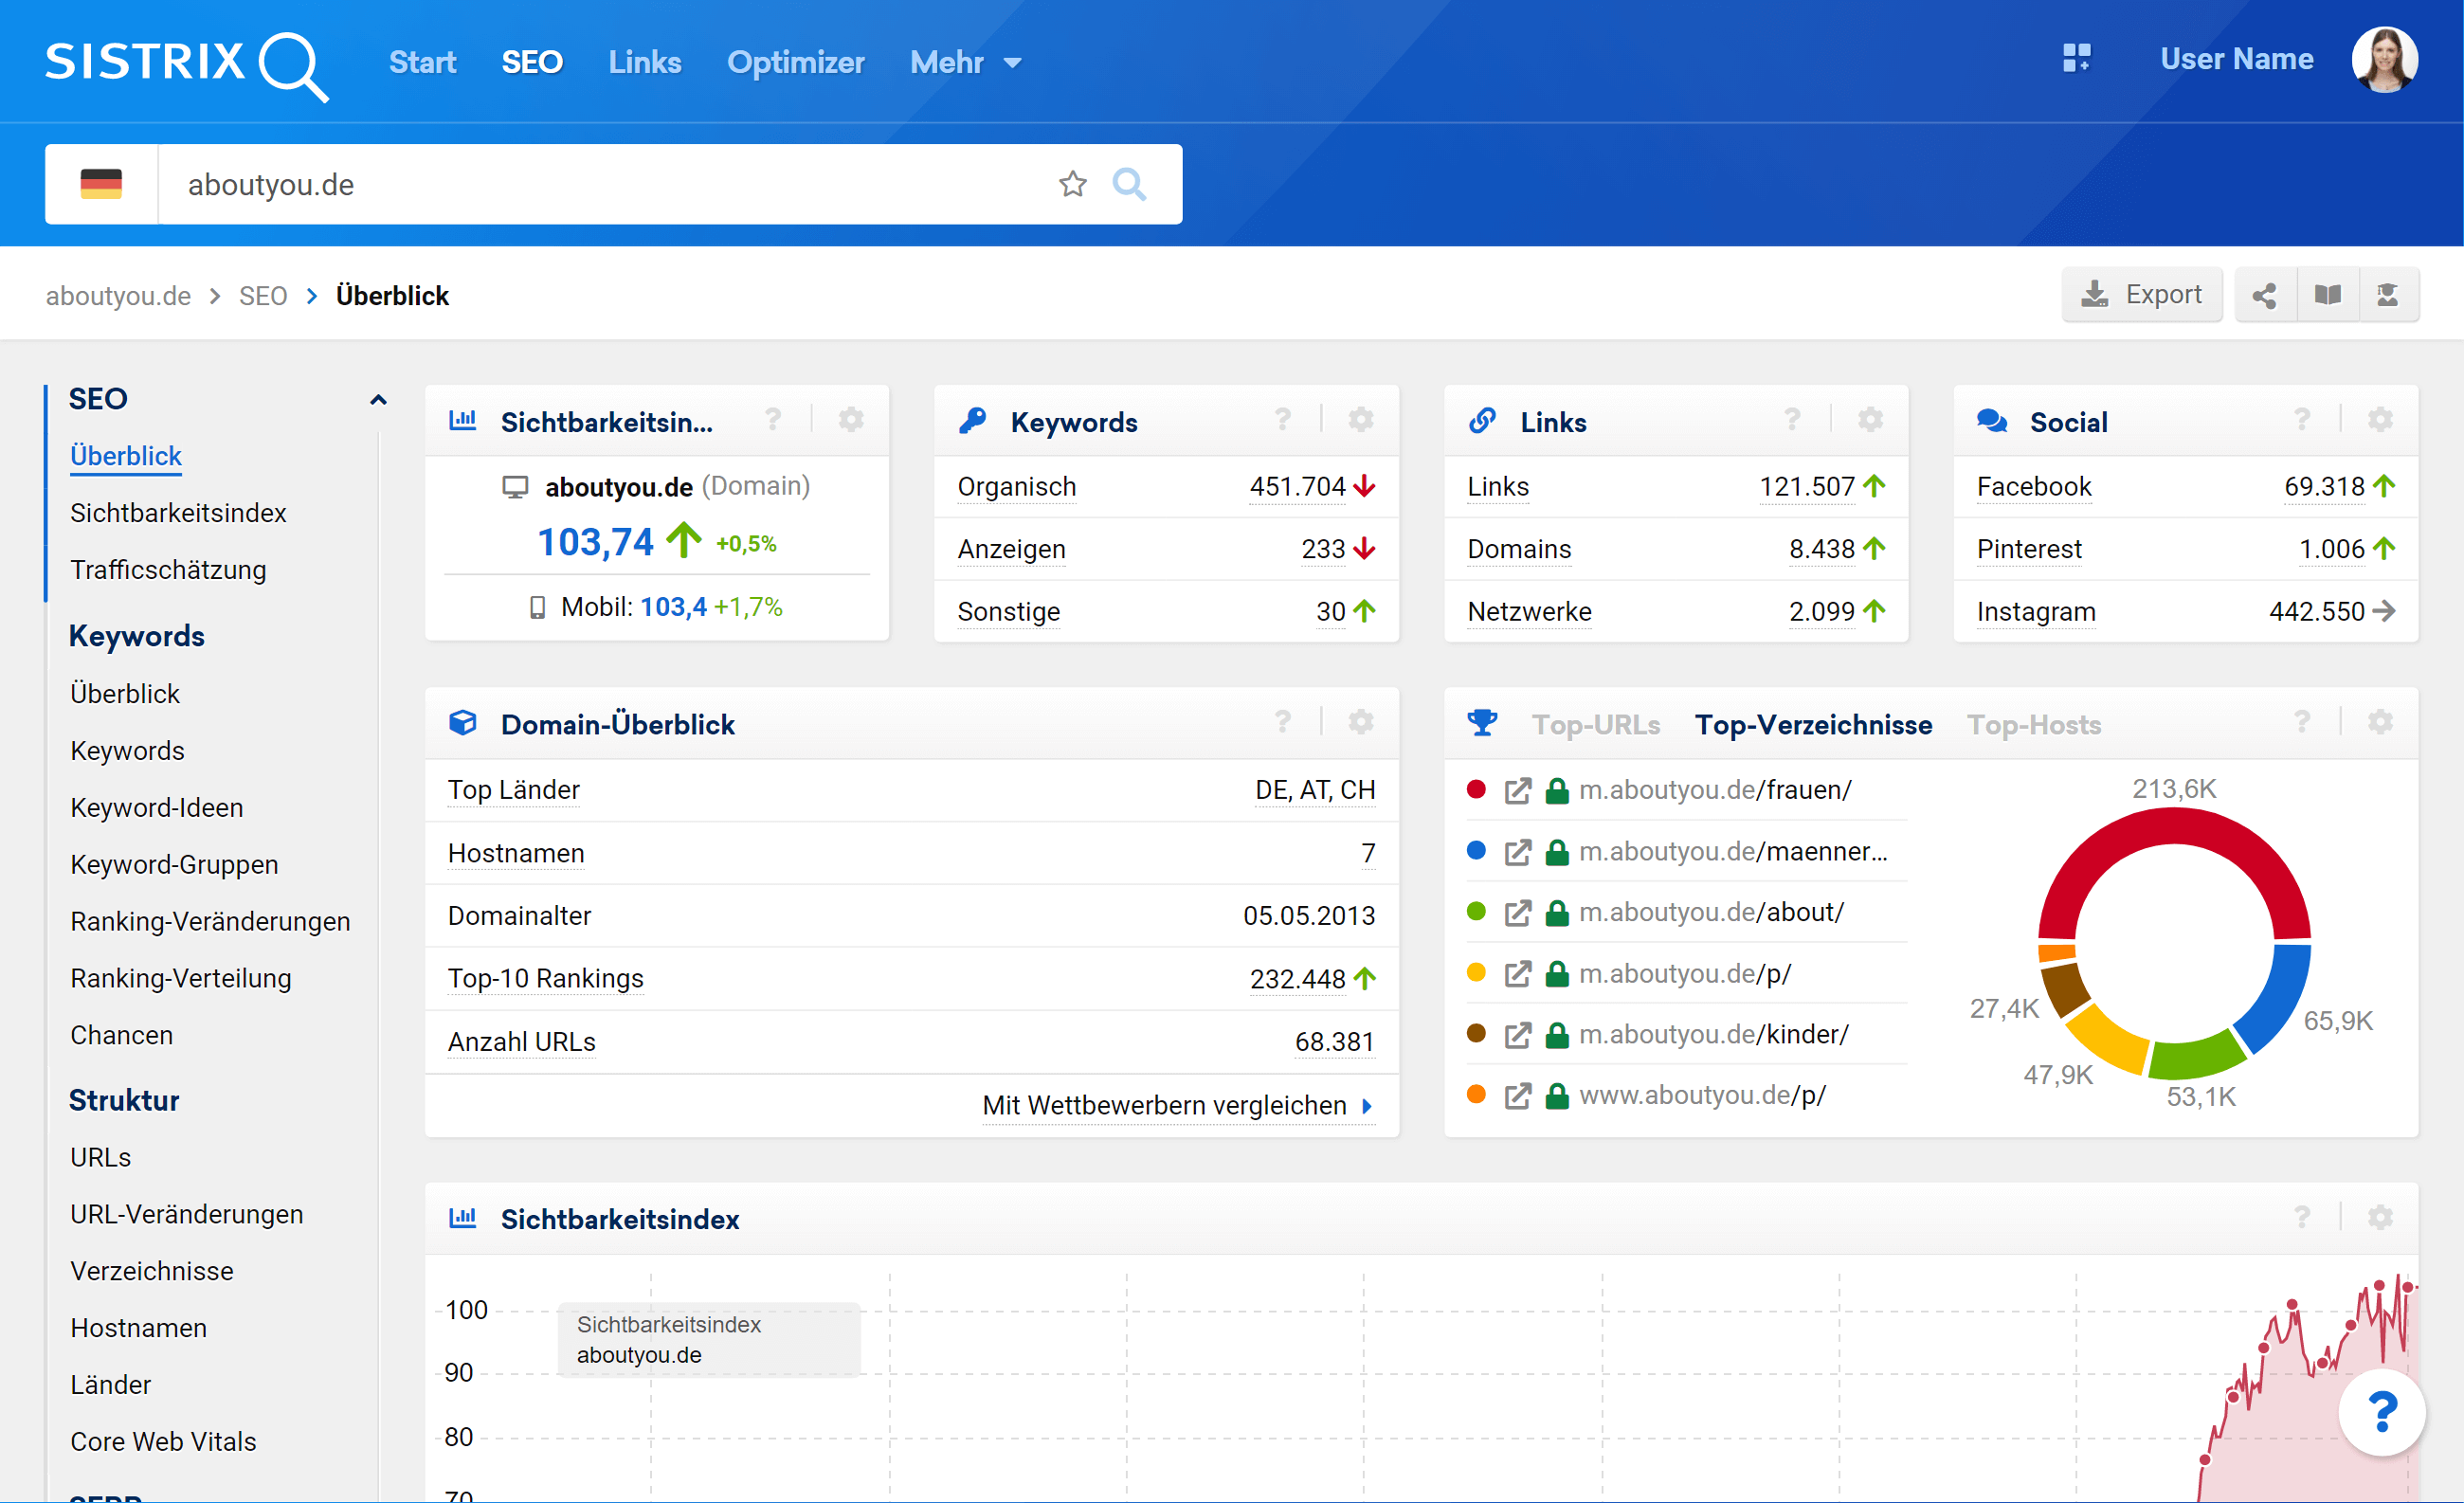 Domain Überblick in der SISTRIX Toolbox. Der Hinweis #4 befindet sich über der ersten Datenbox, für den Sichtbarkeitsindex. Der Hinweis #5 befindet sich unten rechts in der Ecke bei dem Fragezeichen für den Support.